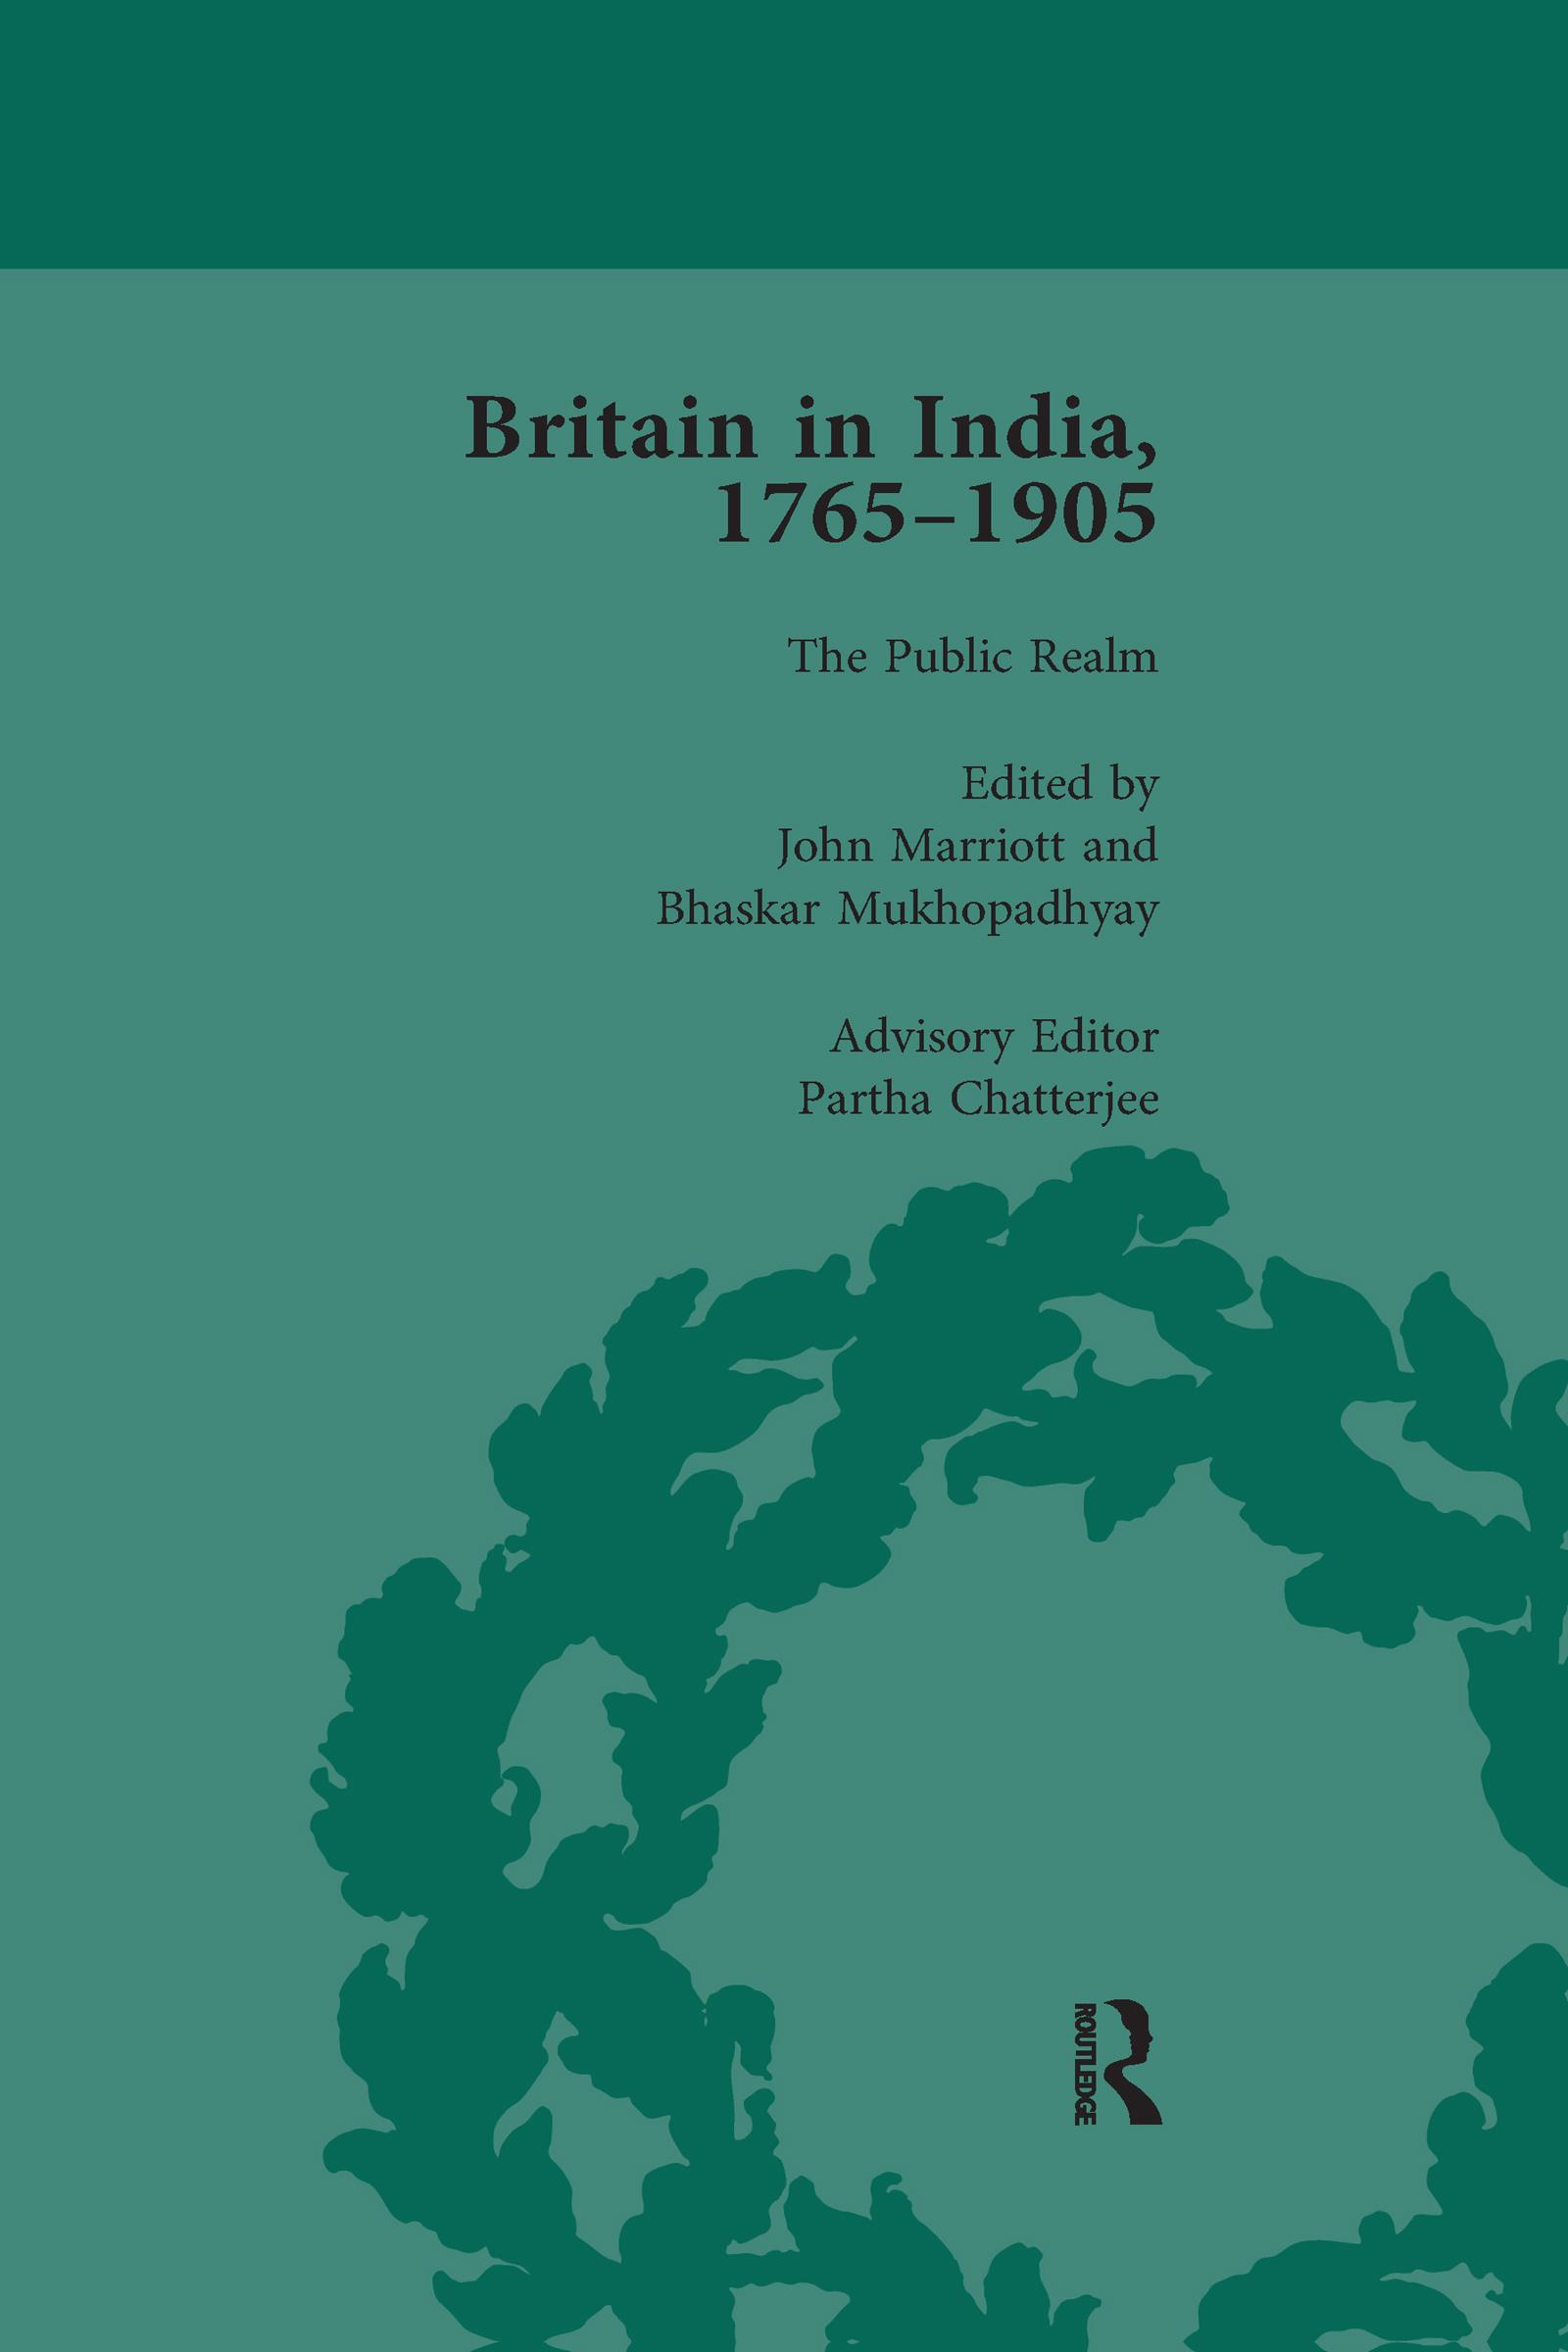 Britain in India, 1765-1905, Volume VI